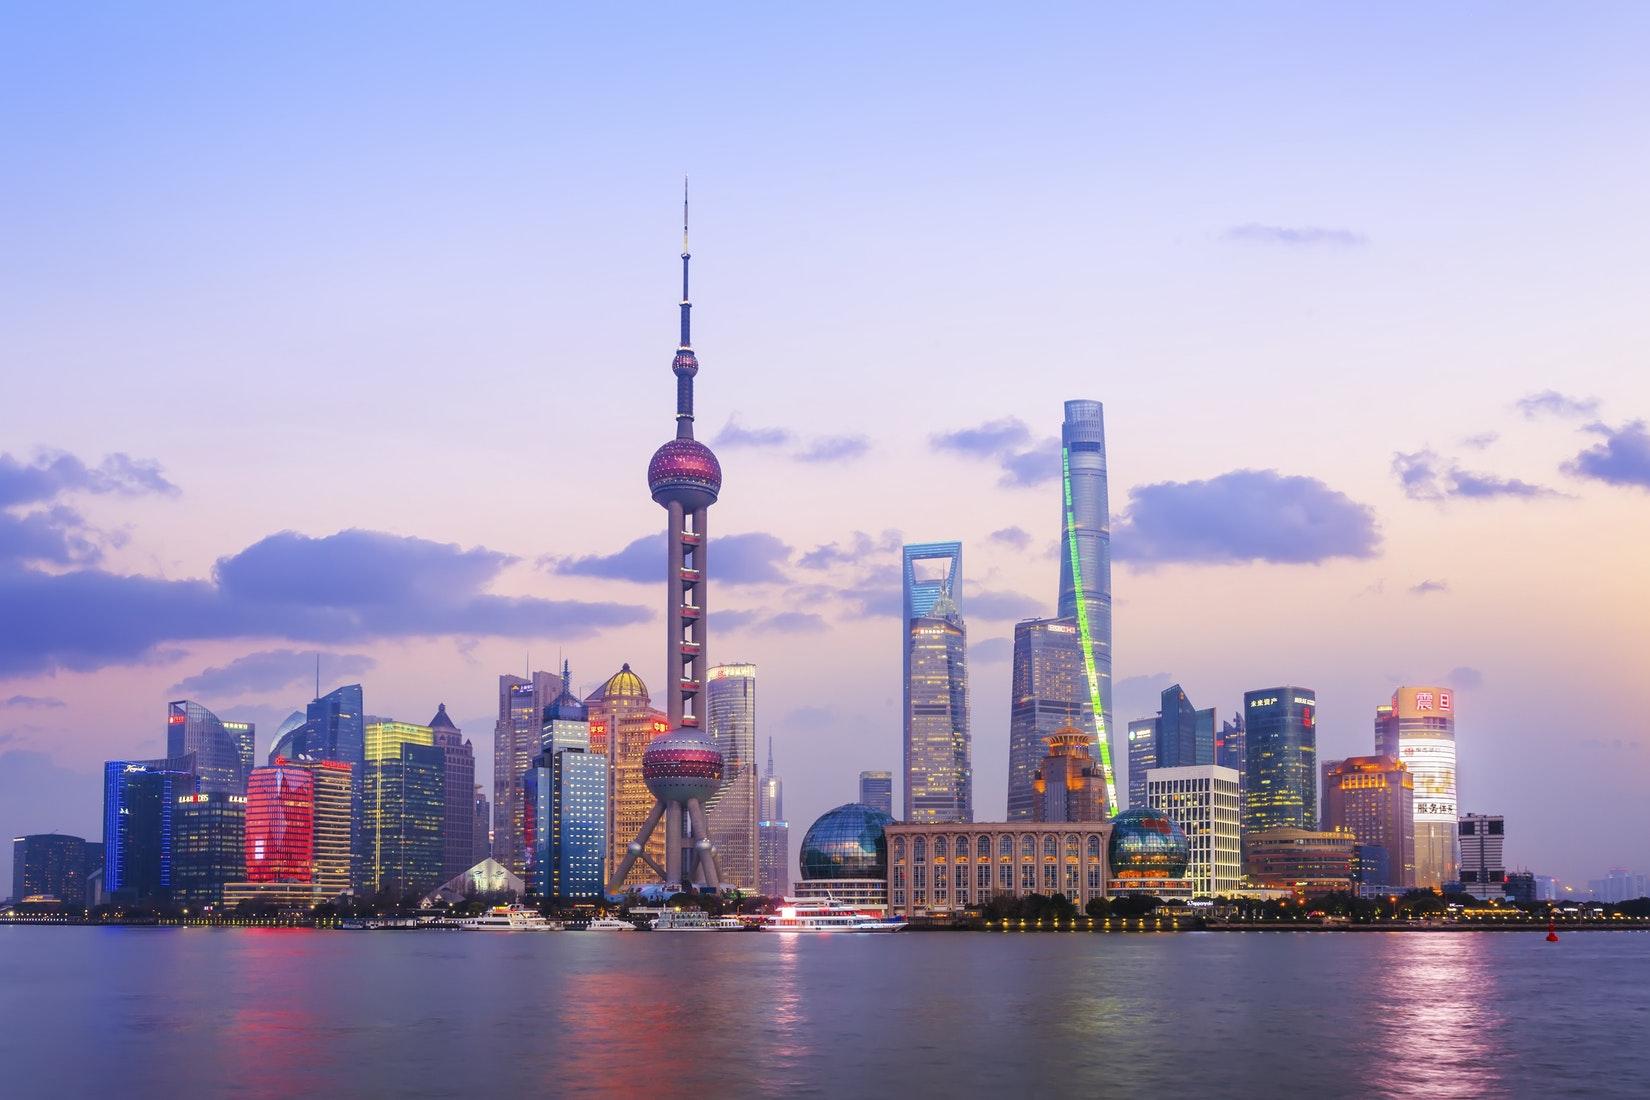 上海成中国首个5G商用城市:已开通500个5G基站